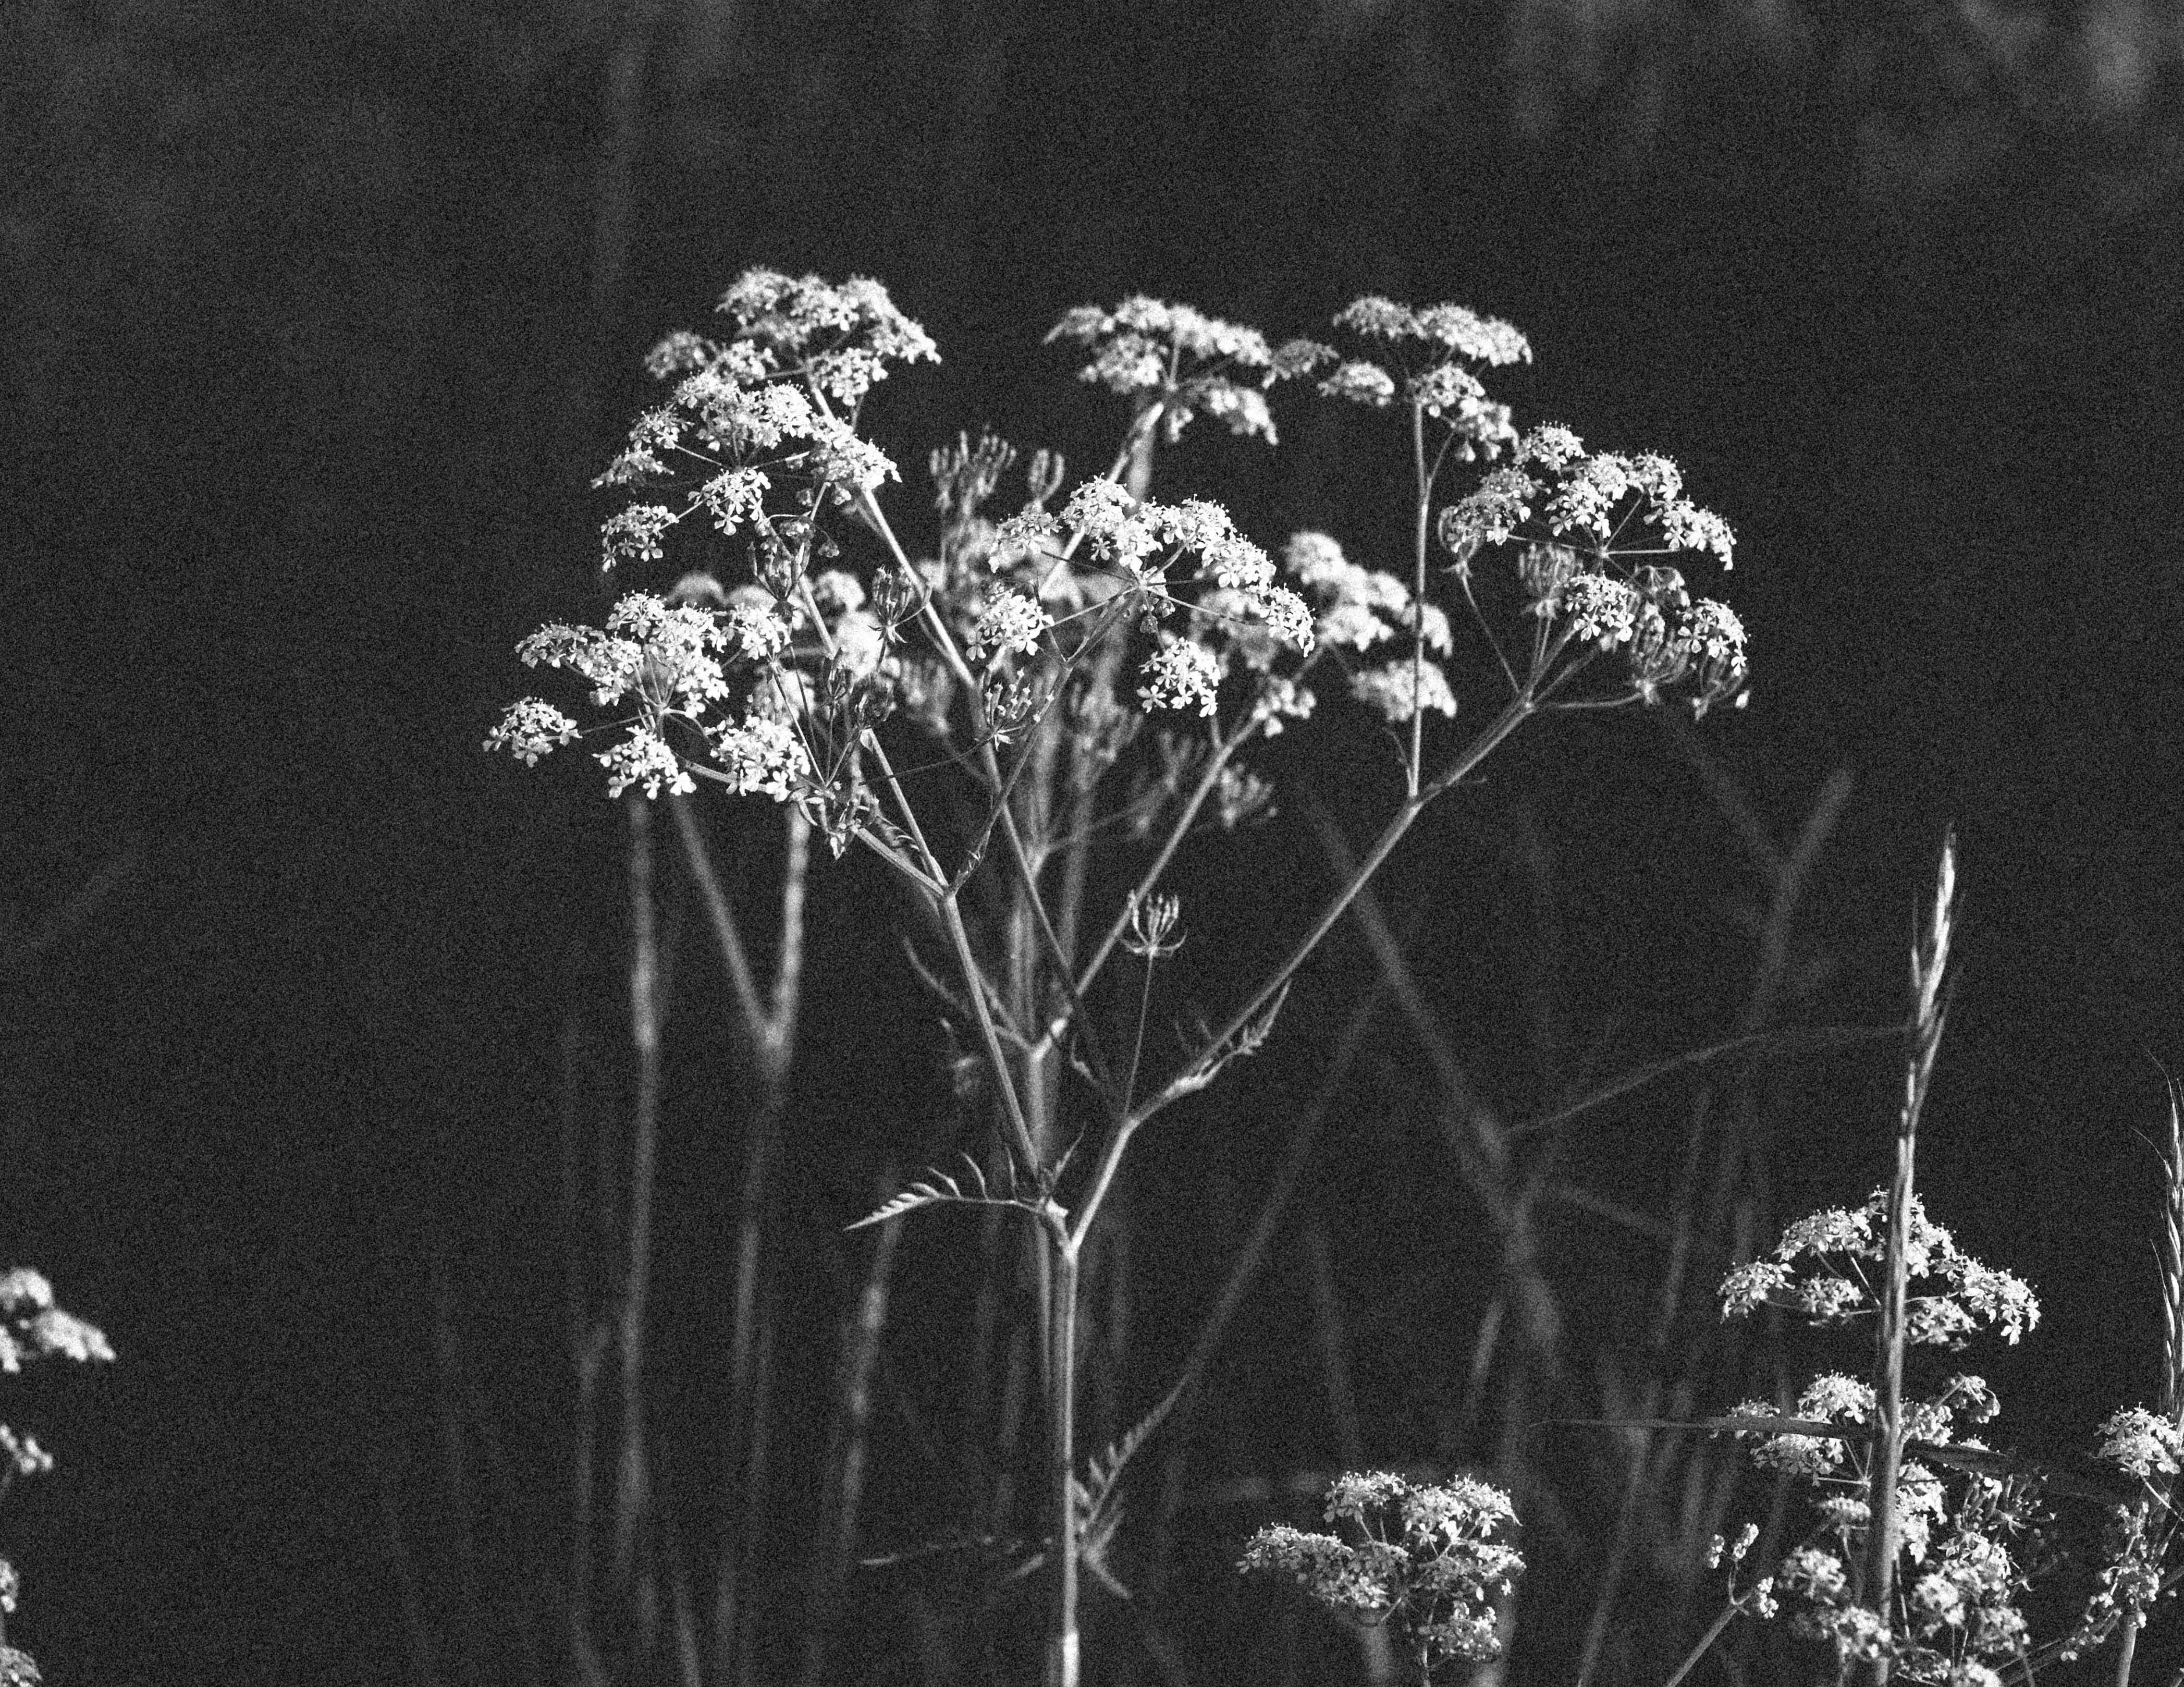 4k 바탕화면, 검은색 바탕화면, 검은색 배경, 바탕화면의 무료 스톡 사진